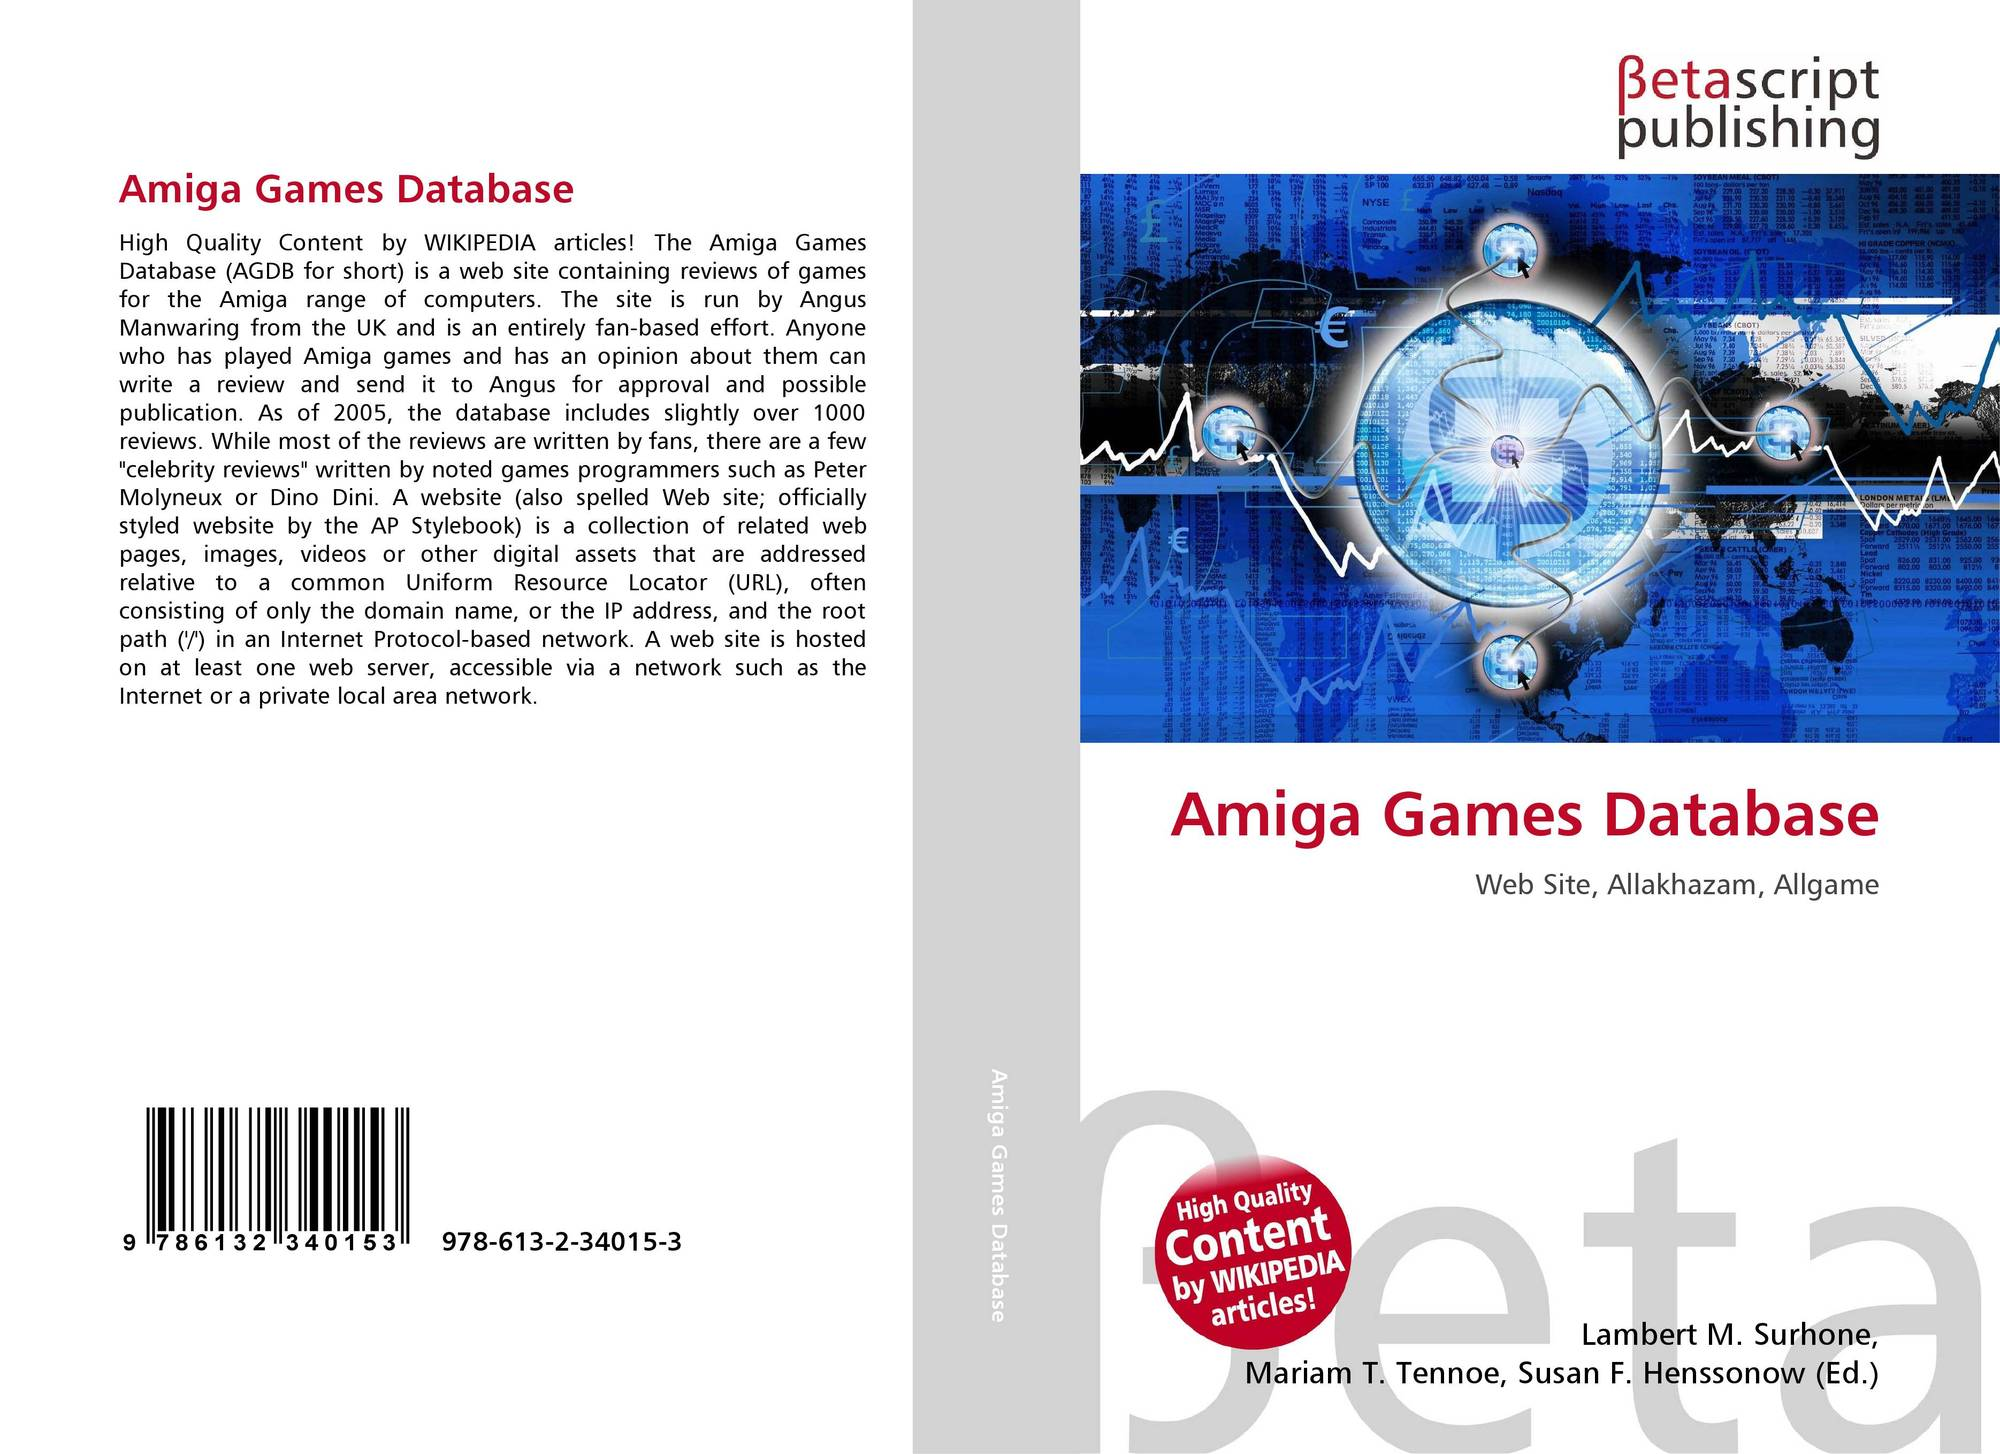 Amiga Games Database, 978-613-2-34015-3, 6132340157